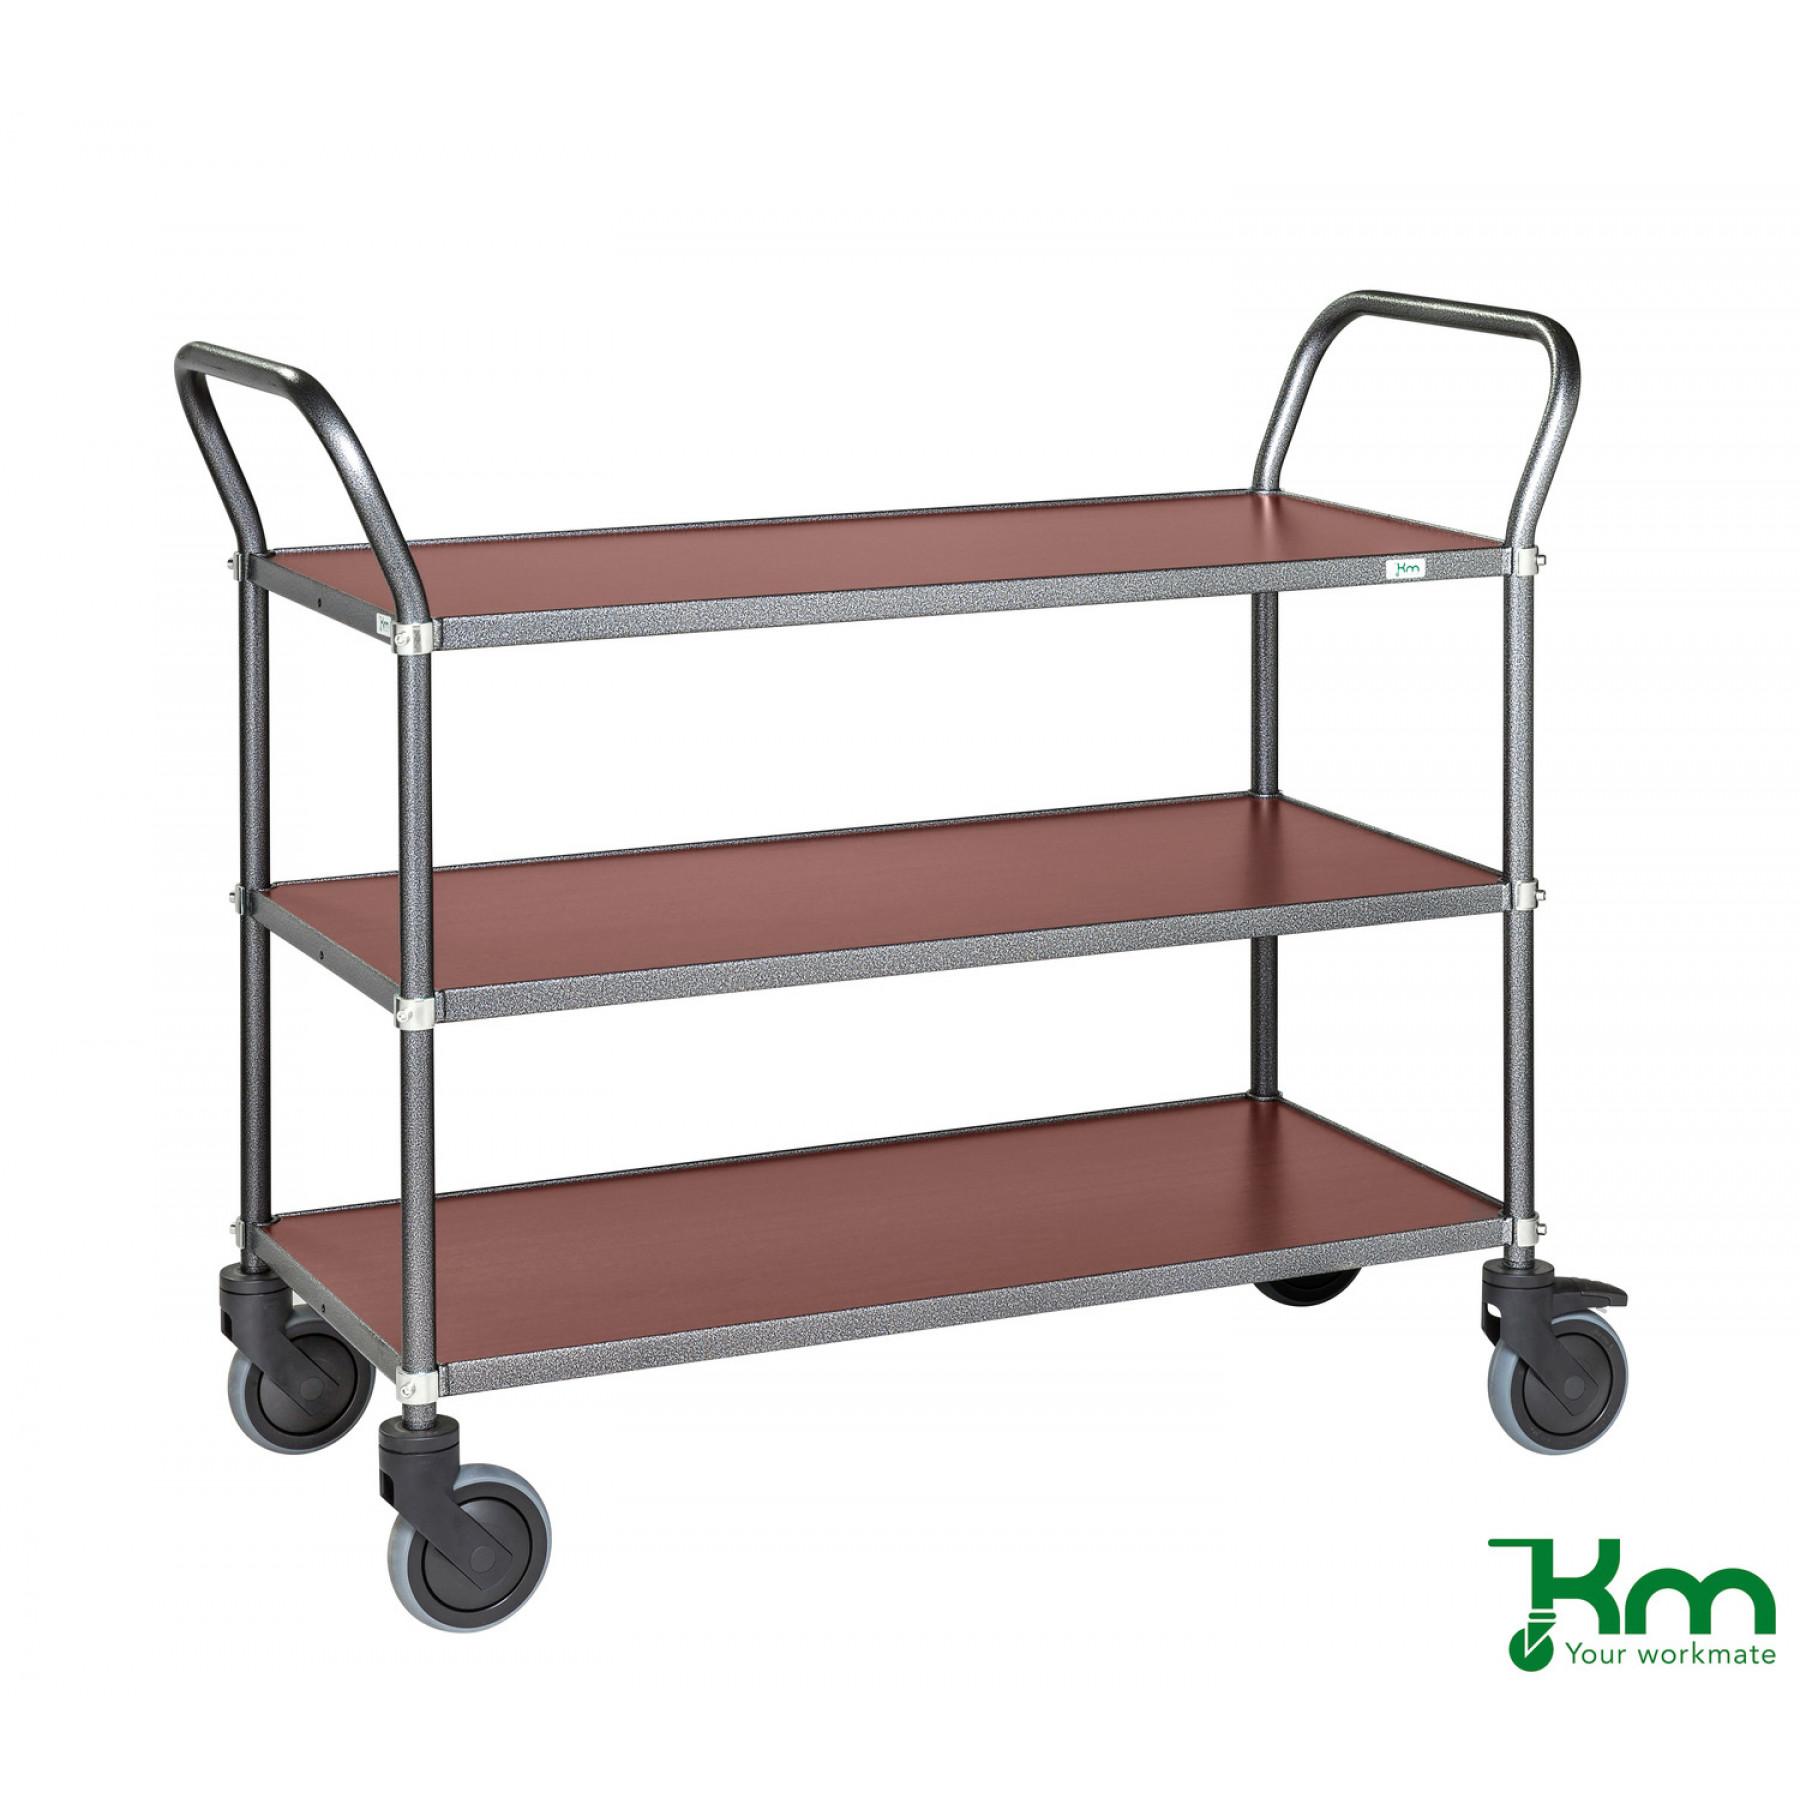 Design tafelwagen met mahoniestructuur toplaag, KM 9113-MA